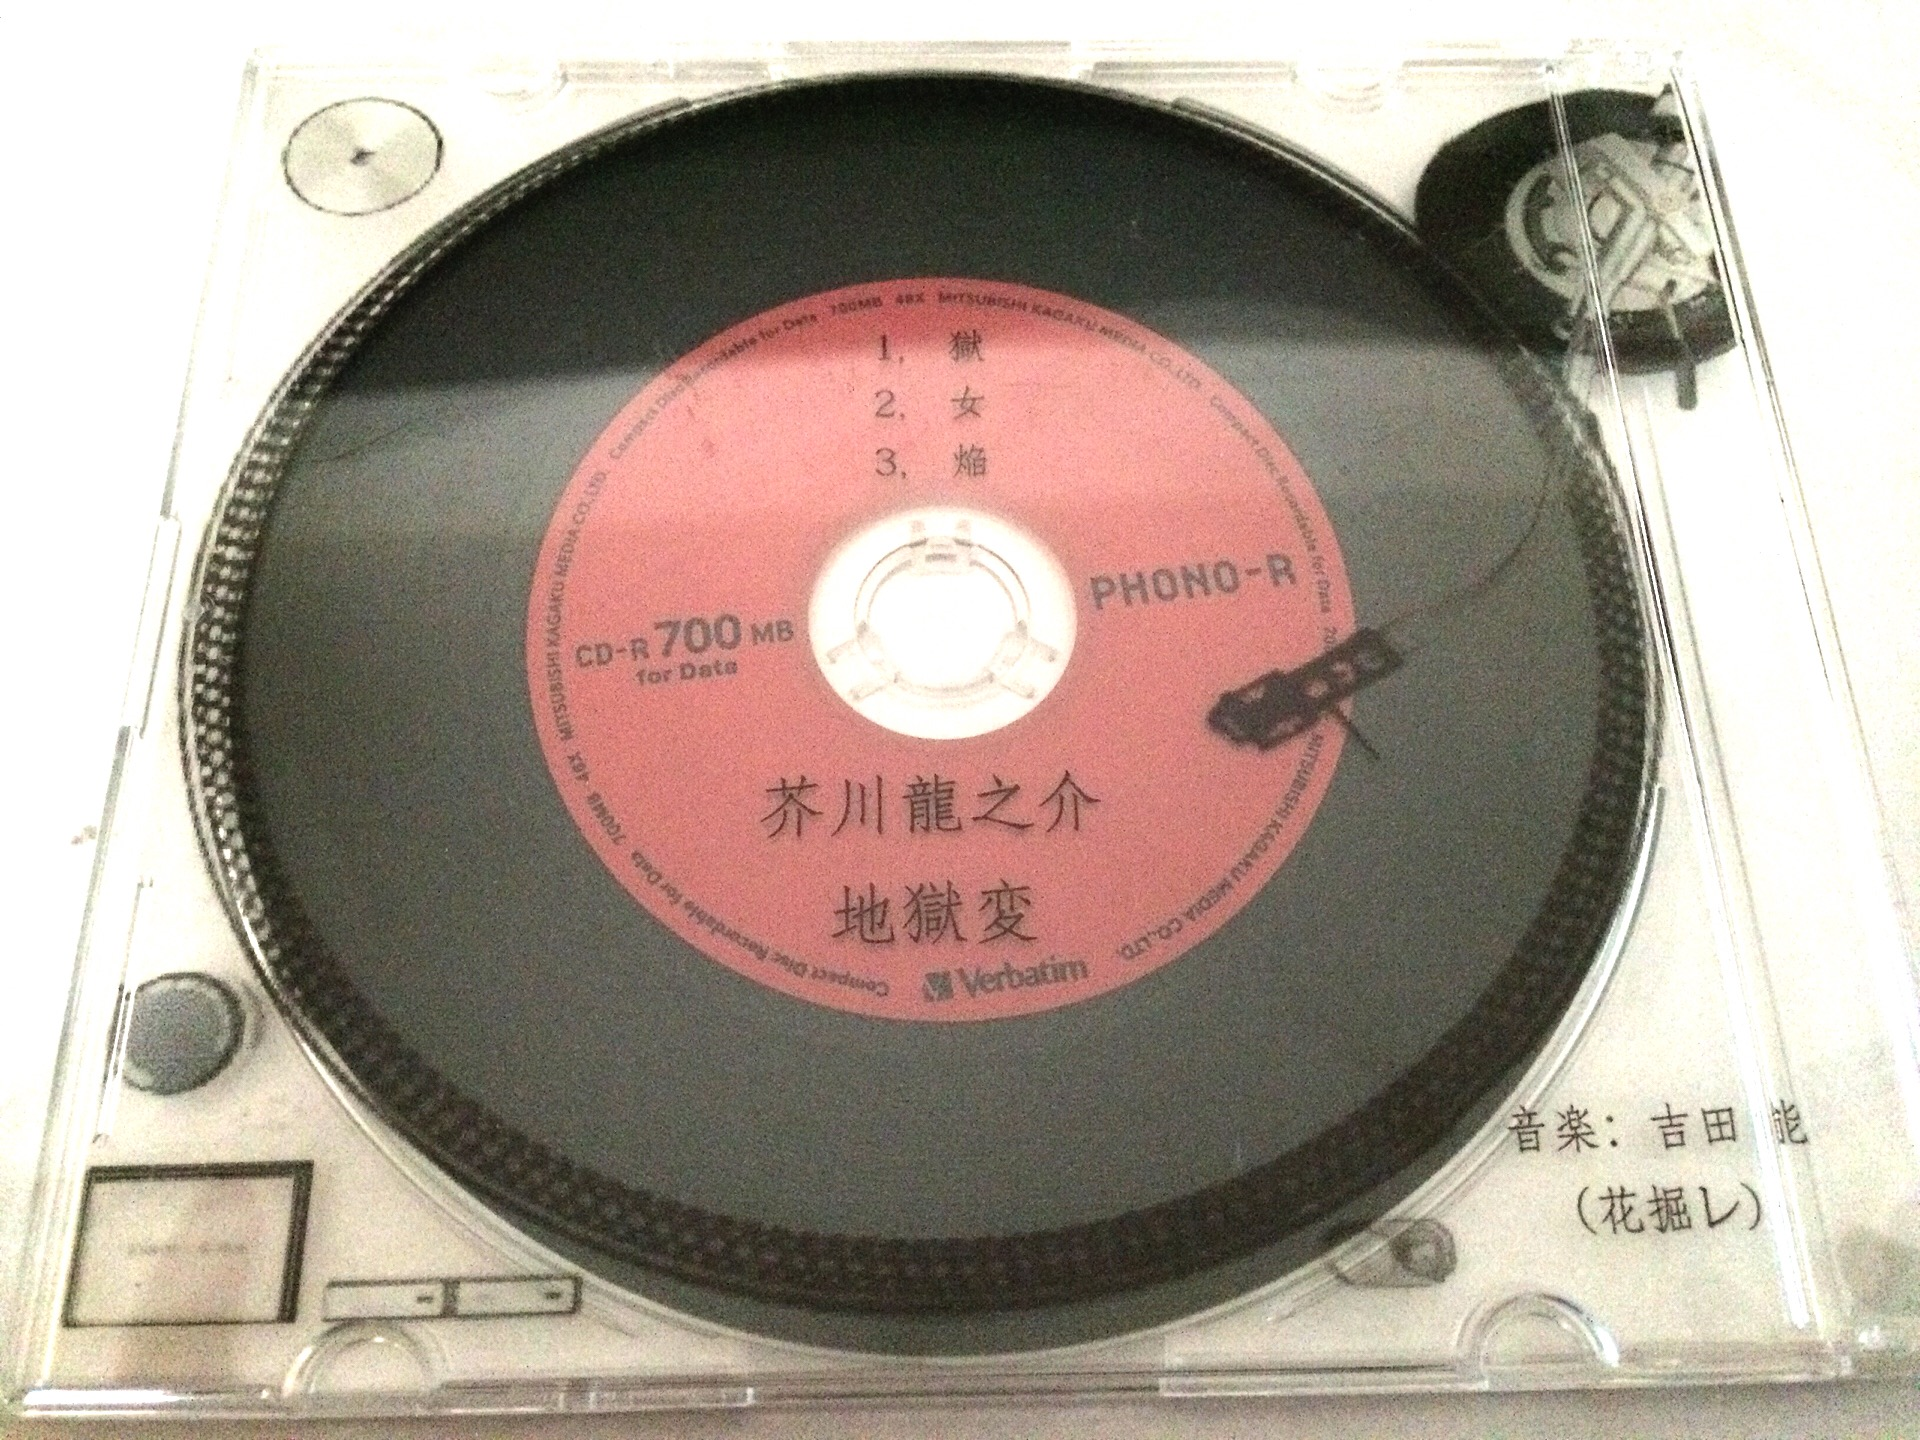 芥川龍之介が聞いているレコードをイメージしてデザインしました。